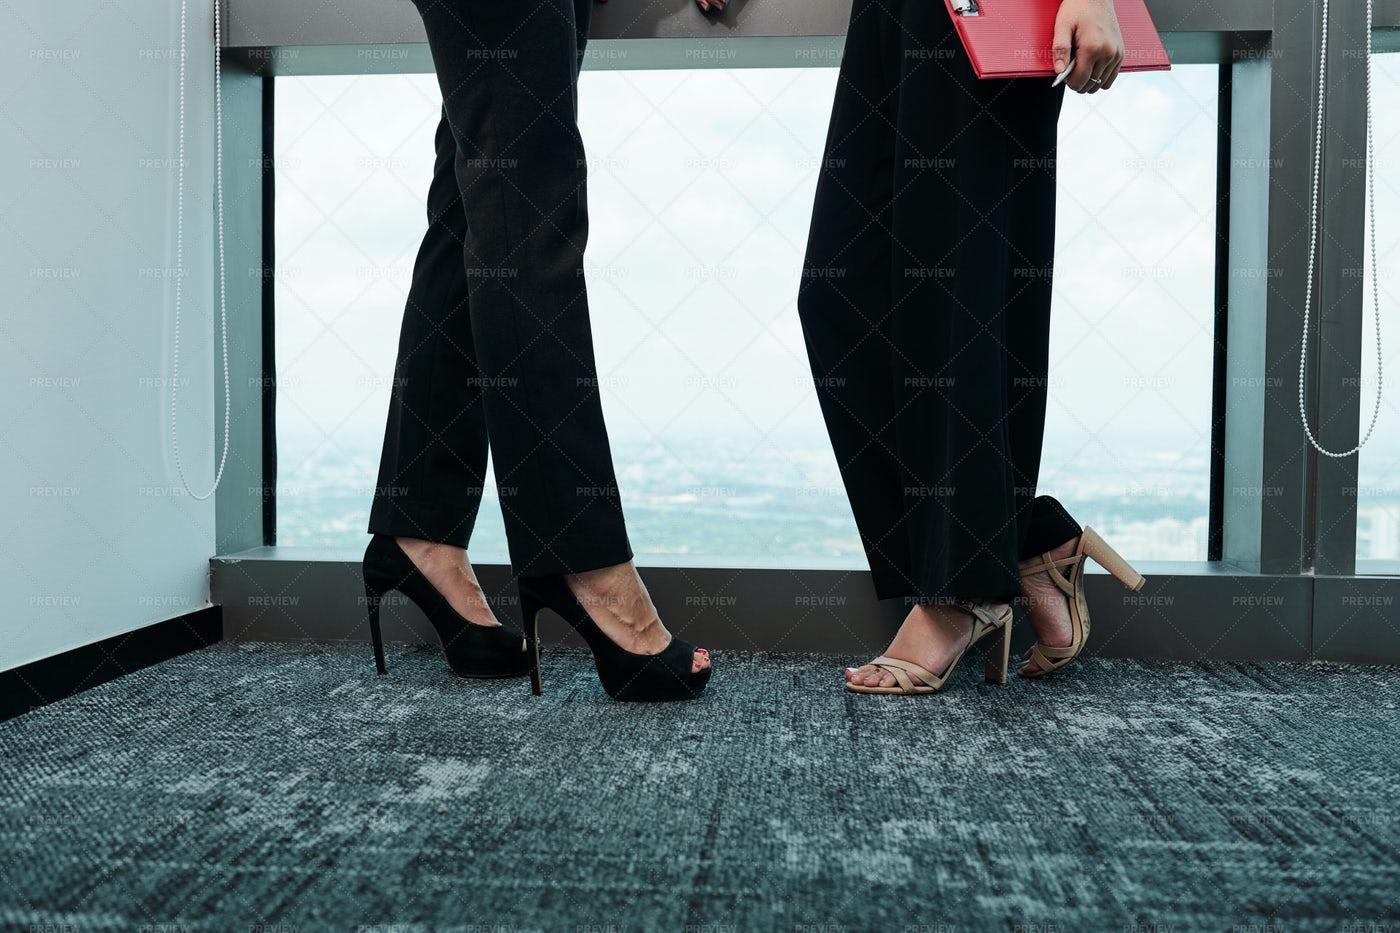 Legs Of Elegant Businesswomen: Stock Photos